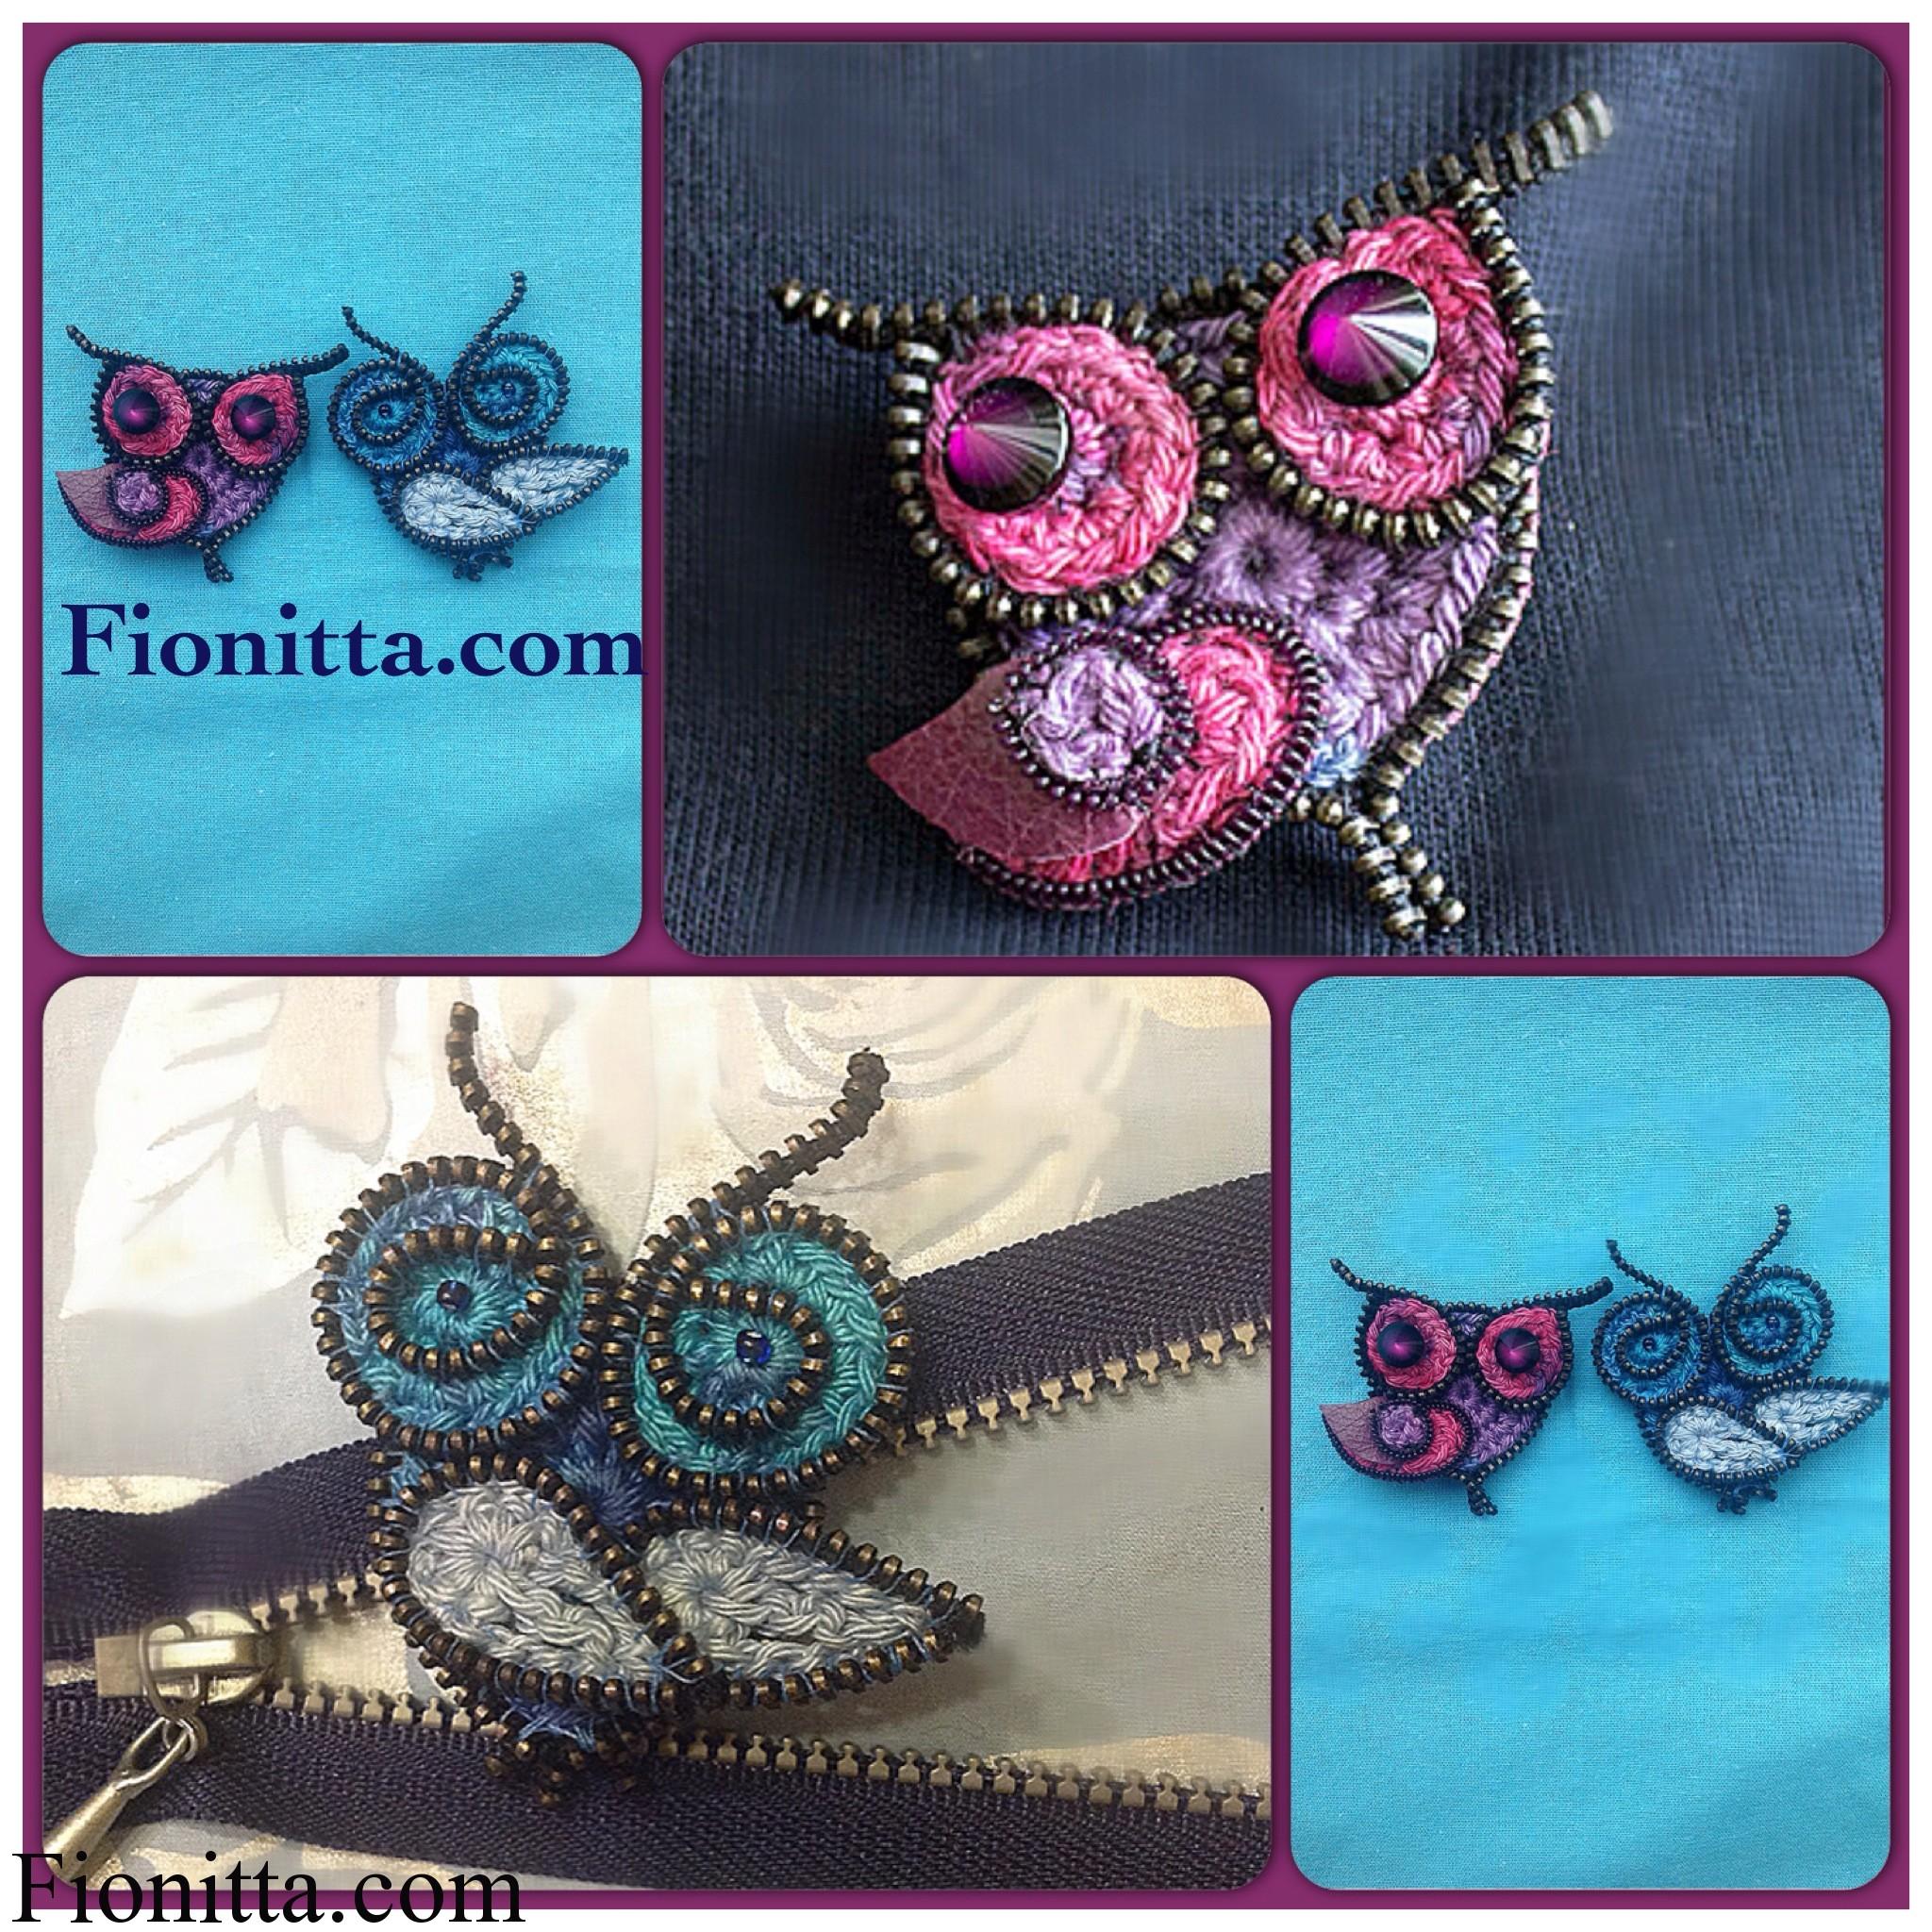 Crochet owls  using zippers